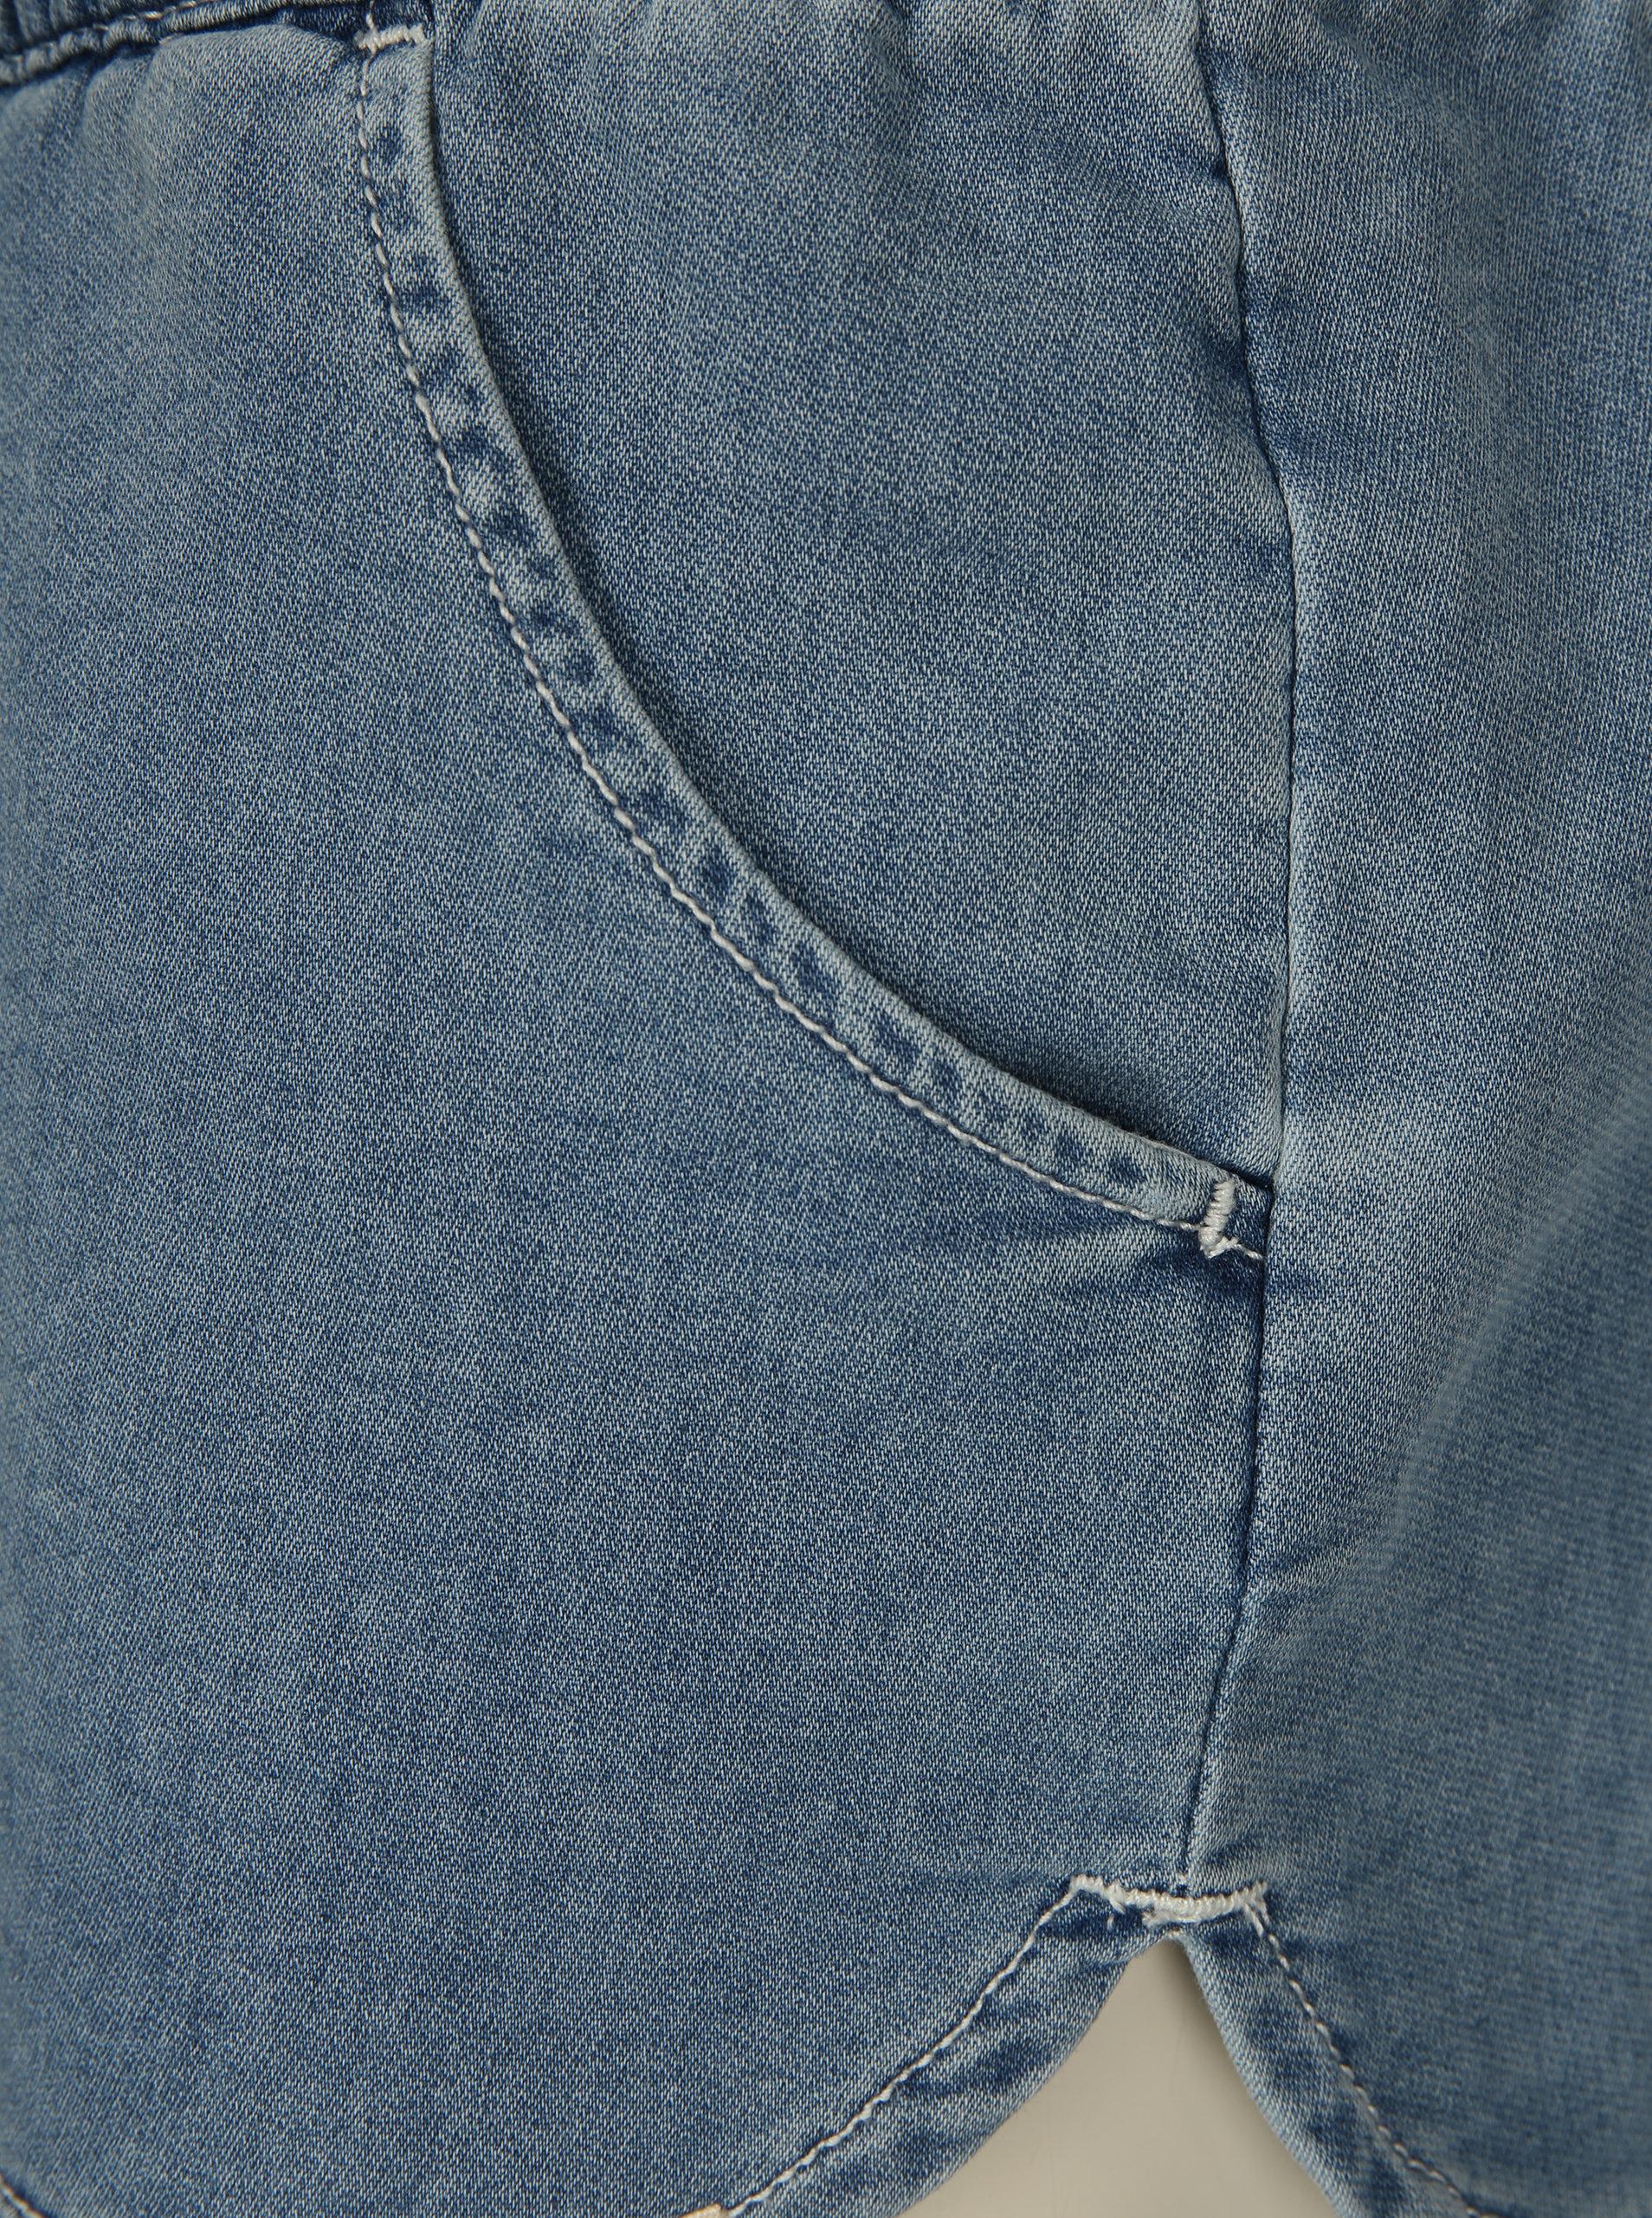 ceb93f8e242 Světle modré dámské džínové kraťasy Rip Curl ...